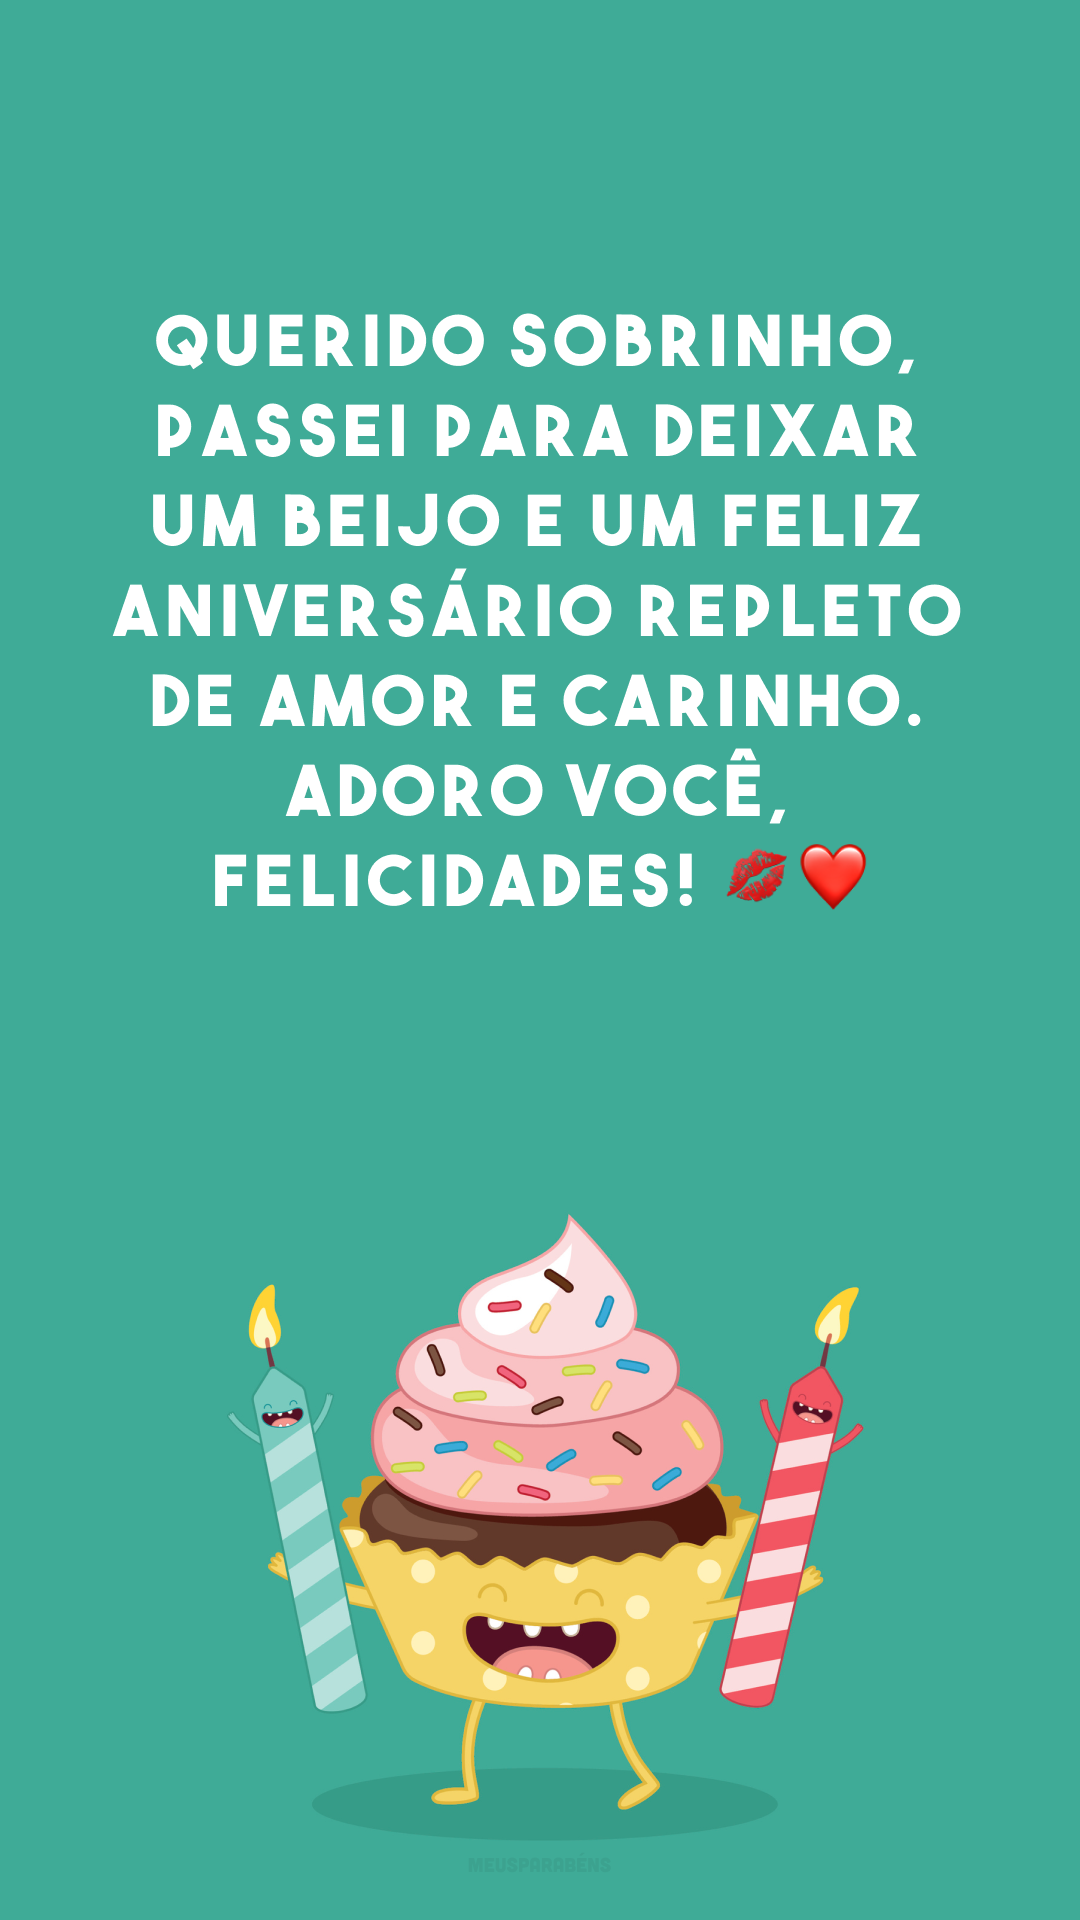 Querido sobrinho, passei para deixar um beijo e um feliz aniversário repleto de amor e carinho. Adoro você, felicidades! 💋❤